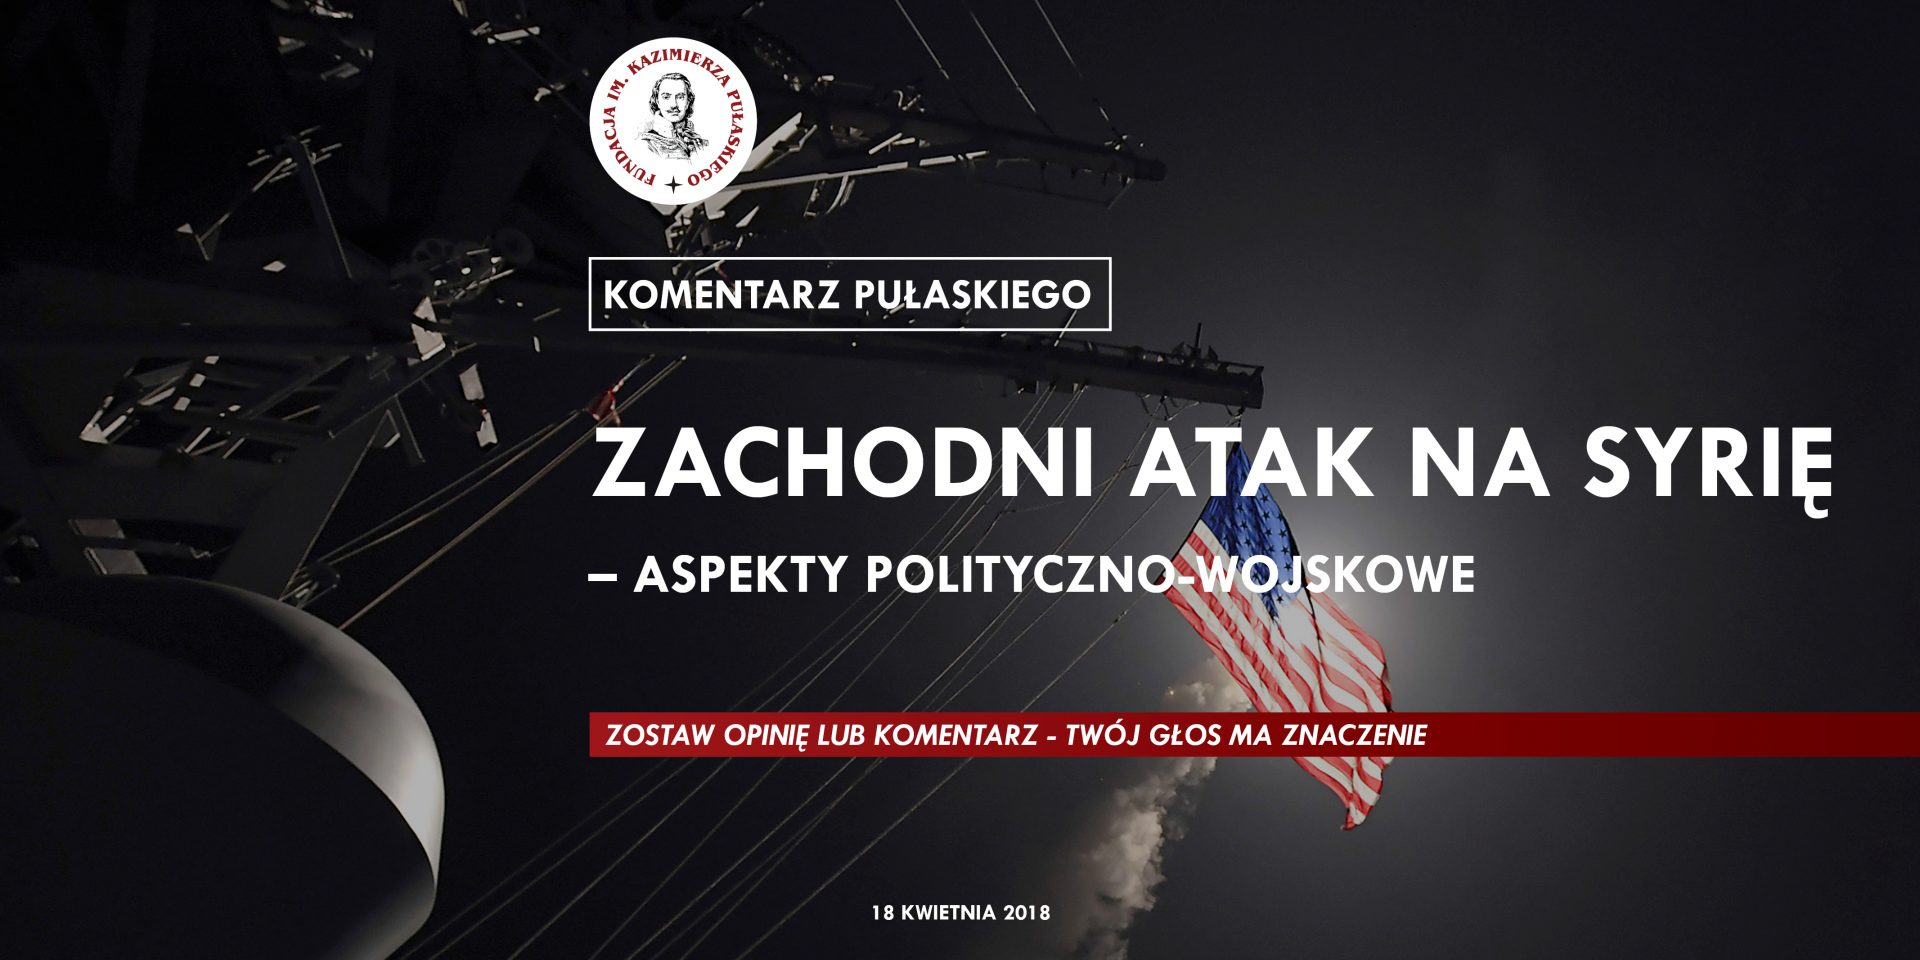 KOMENTARZ PUŁASKIEGO – R. Ciastoń: Zachodni atak naSyrię – aspekty polityczno-wojskowe